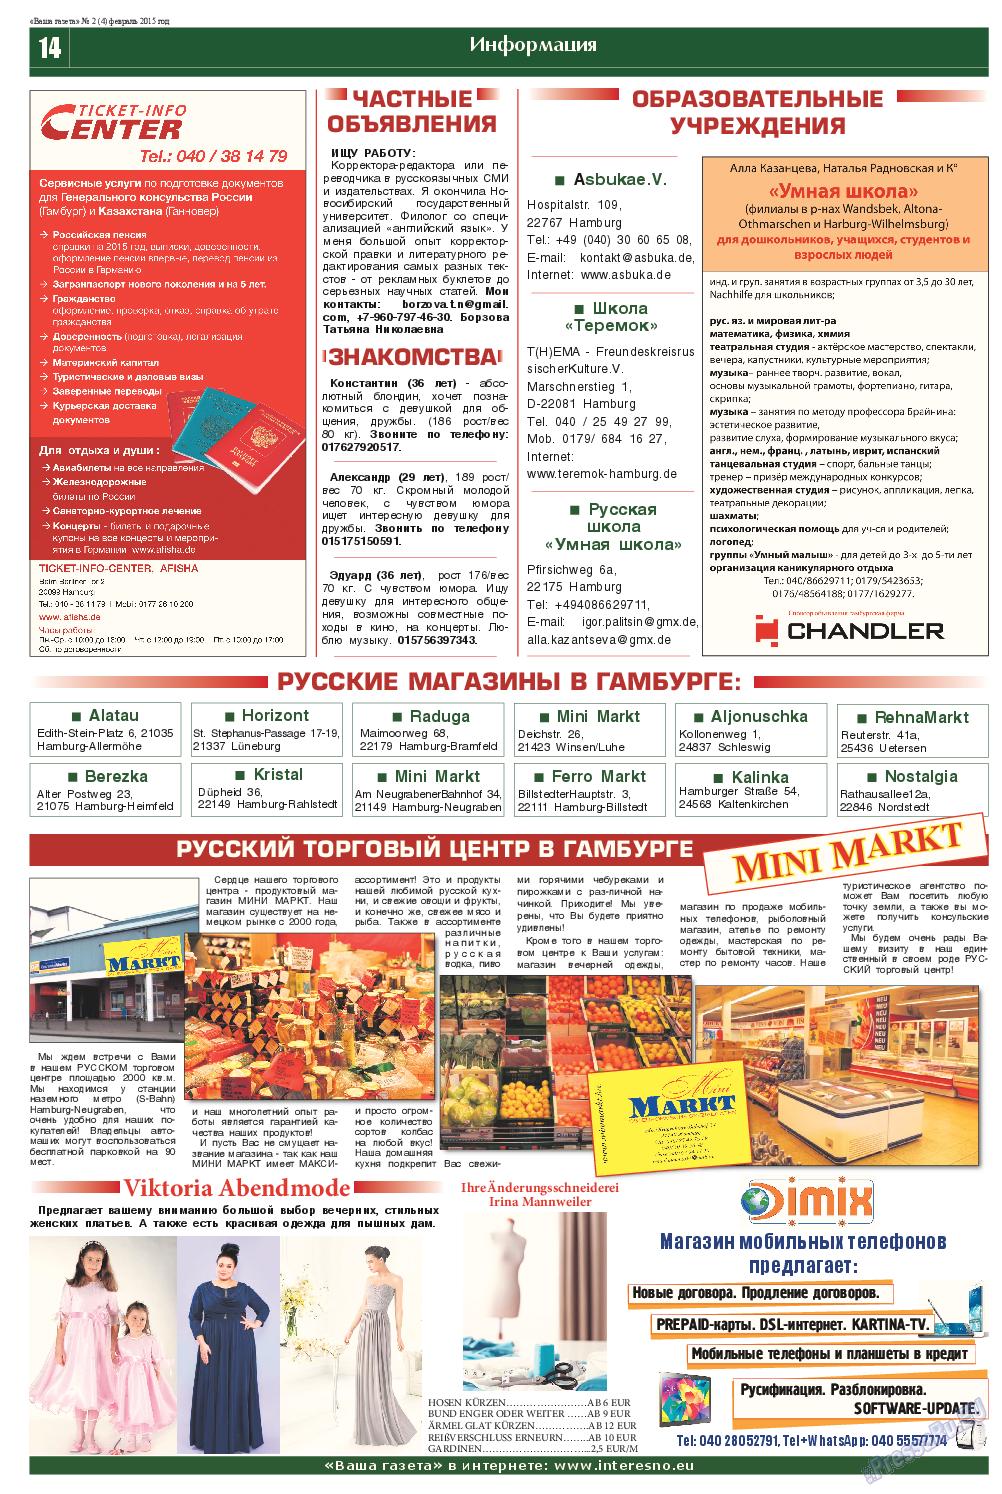 Ваша газета (газета). 2015 год, номер 2, стр. 14